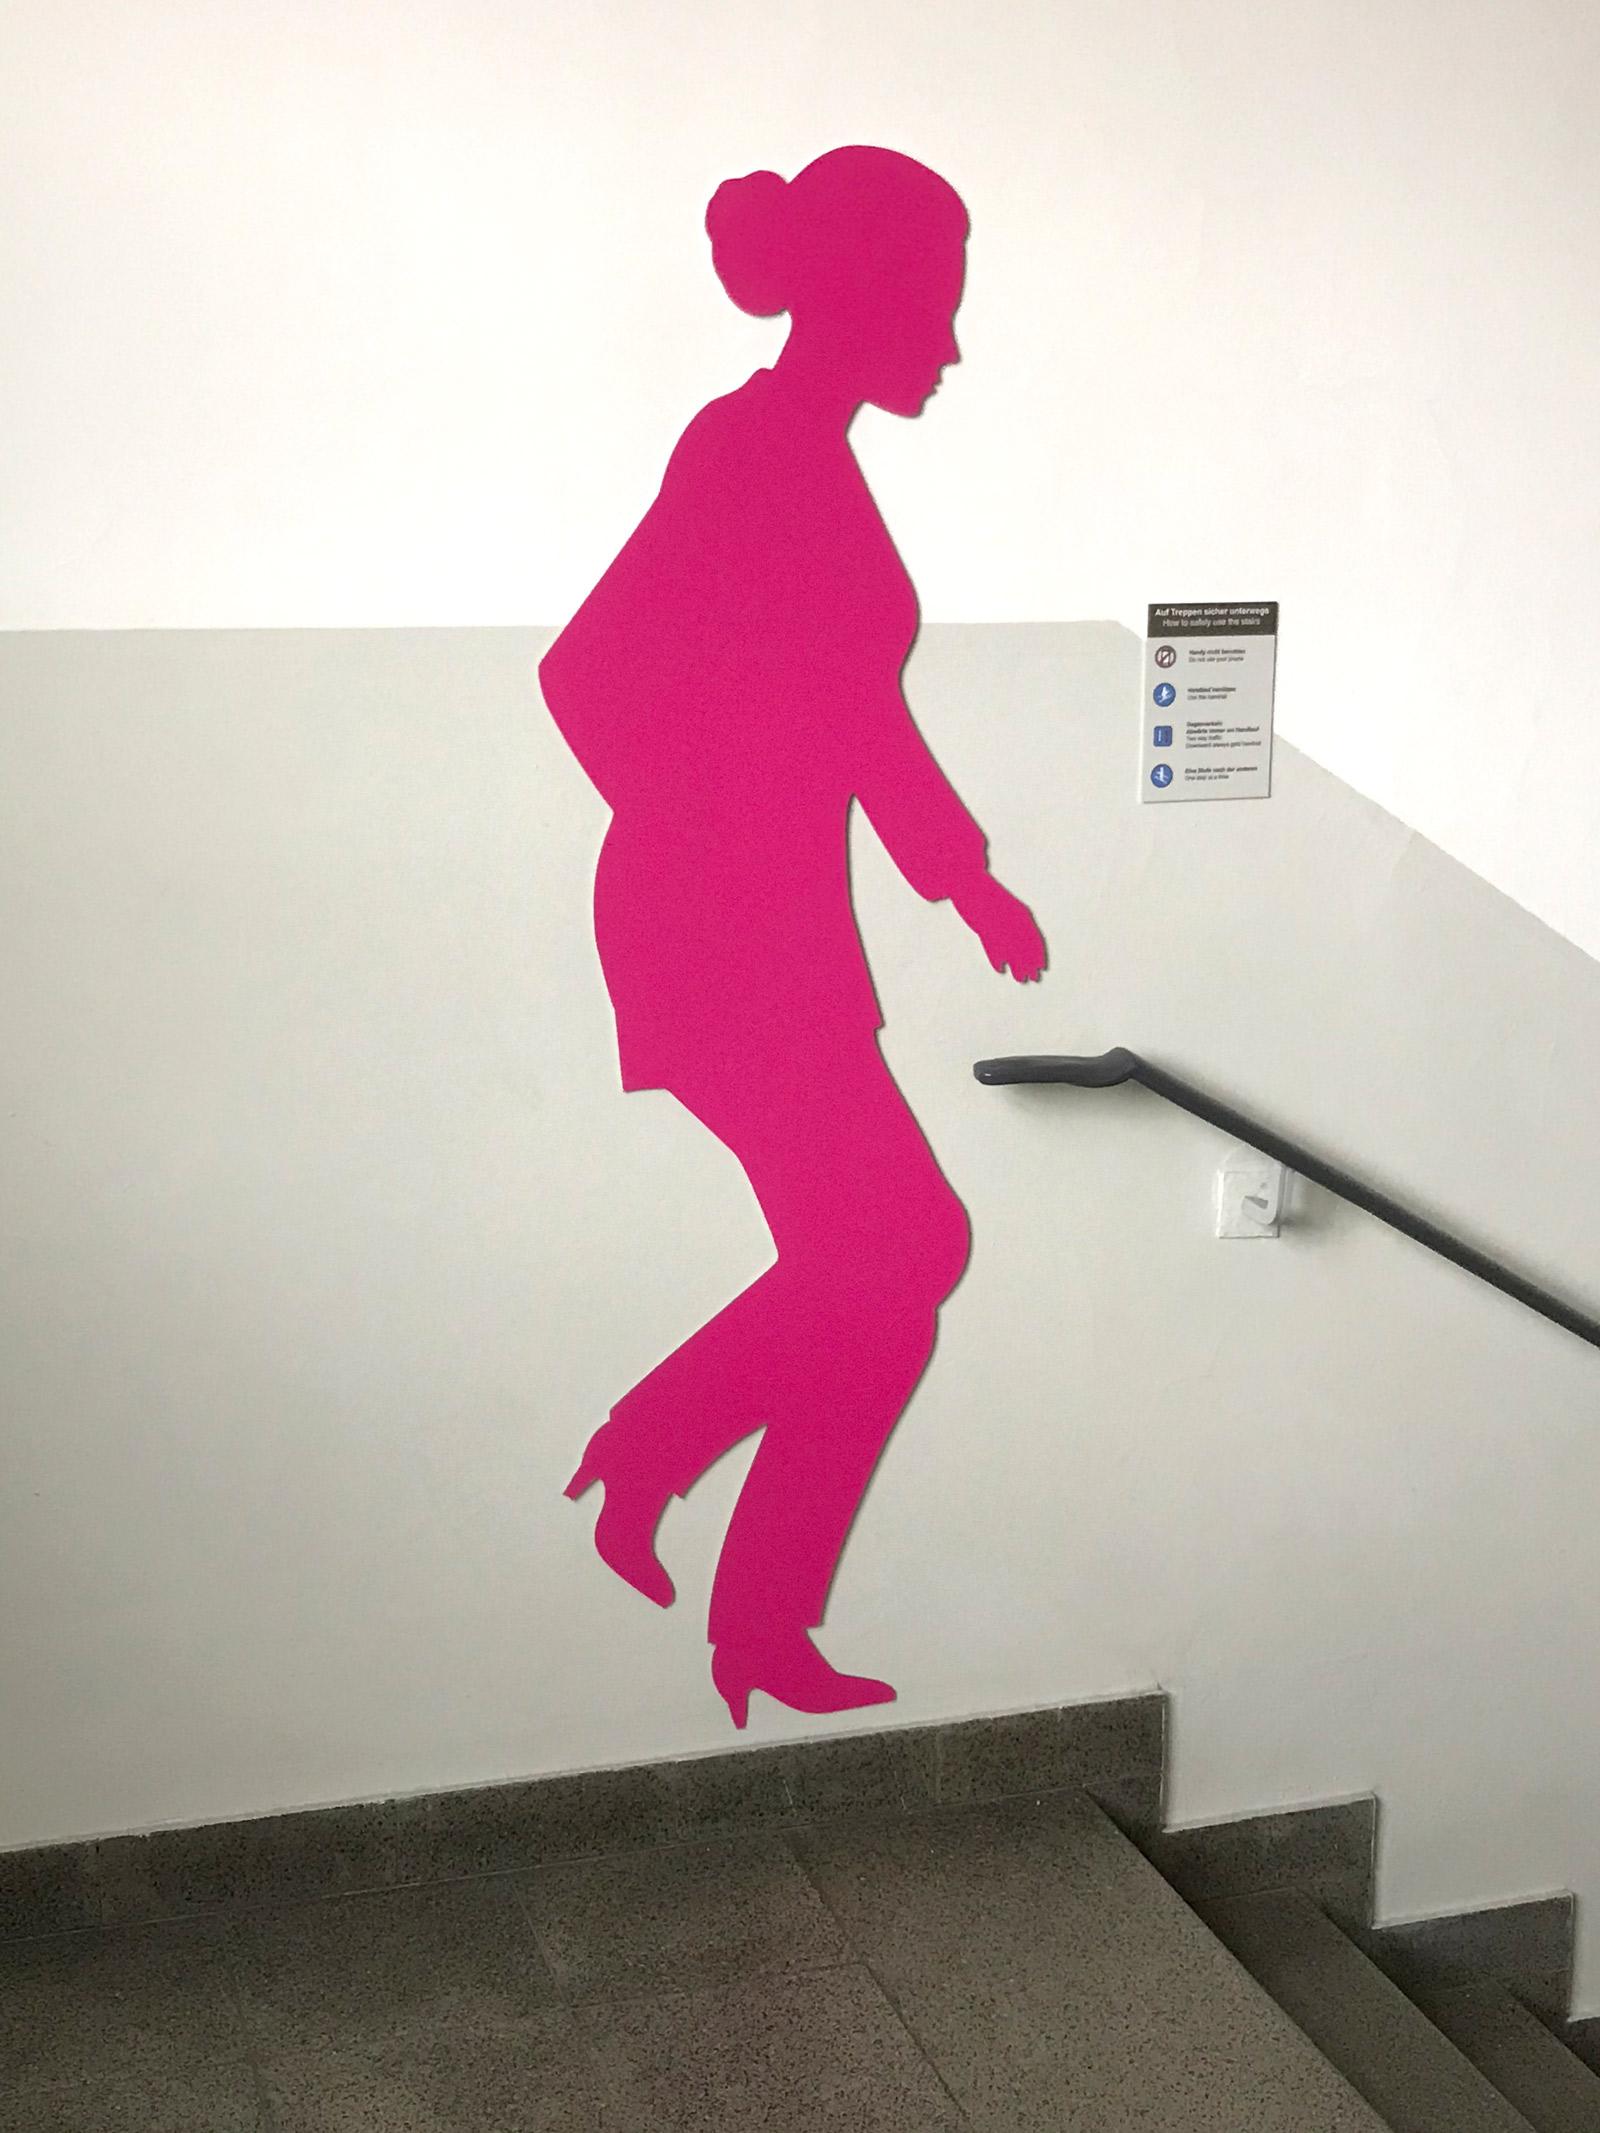 Pinke weibliche Schattenfigur in einem Treppenhaus an der Wand